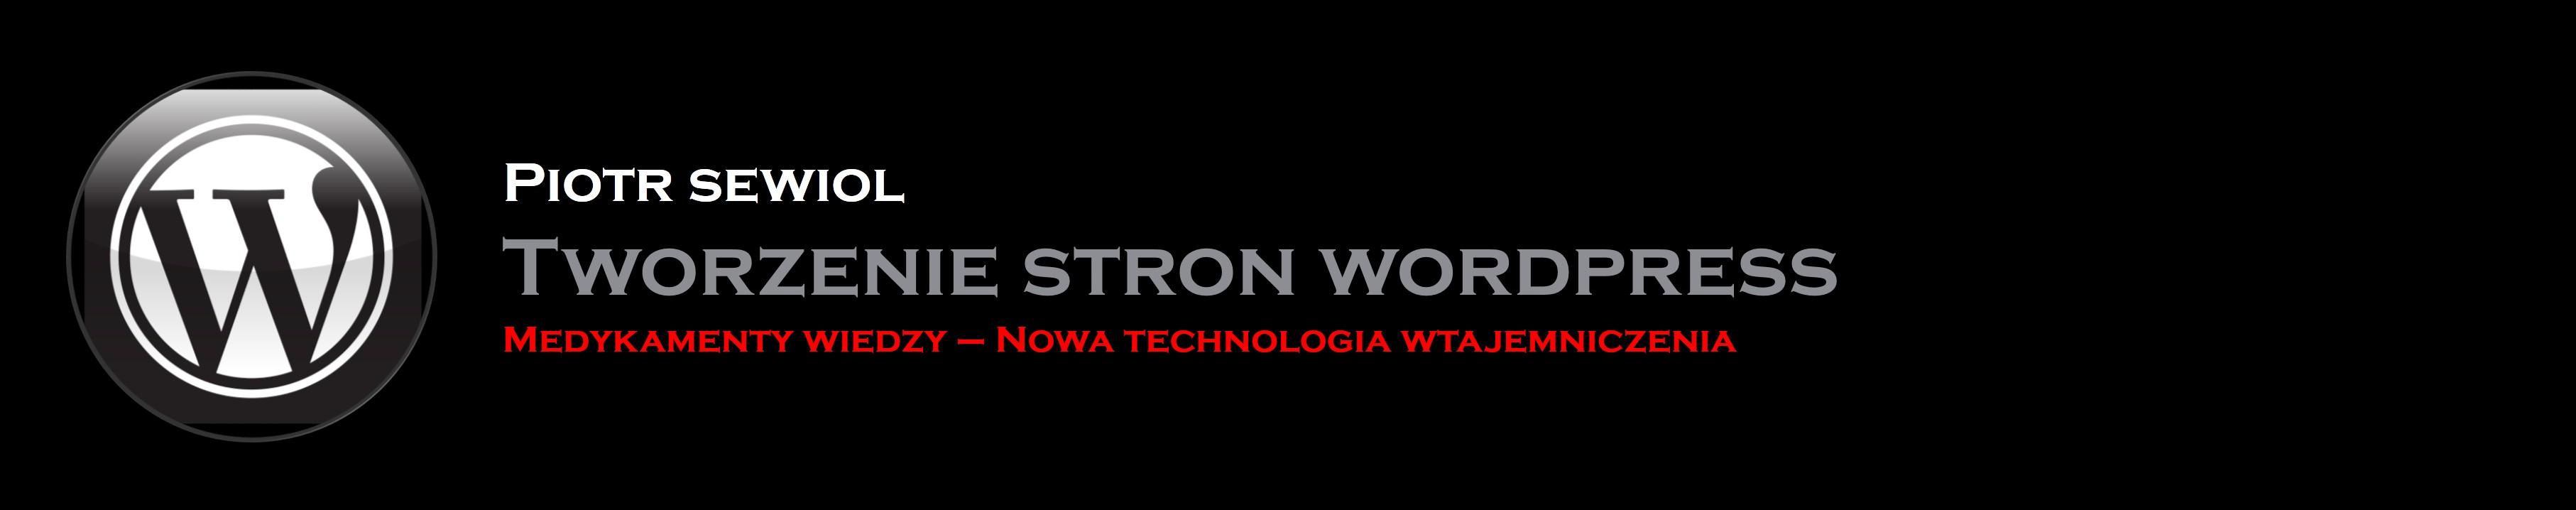 Piotr Sewioł - Tworzenie stron Wordpress